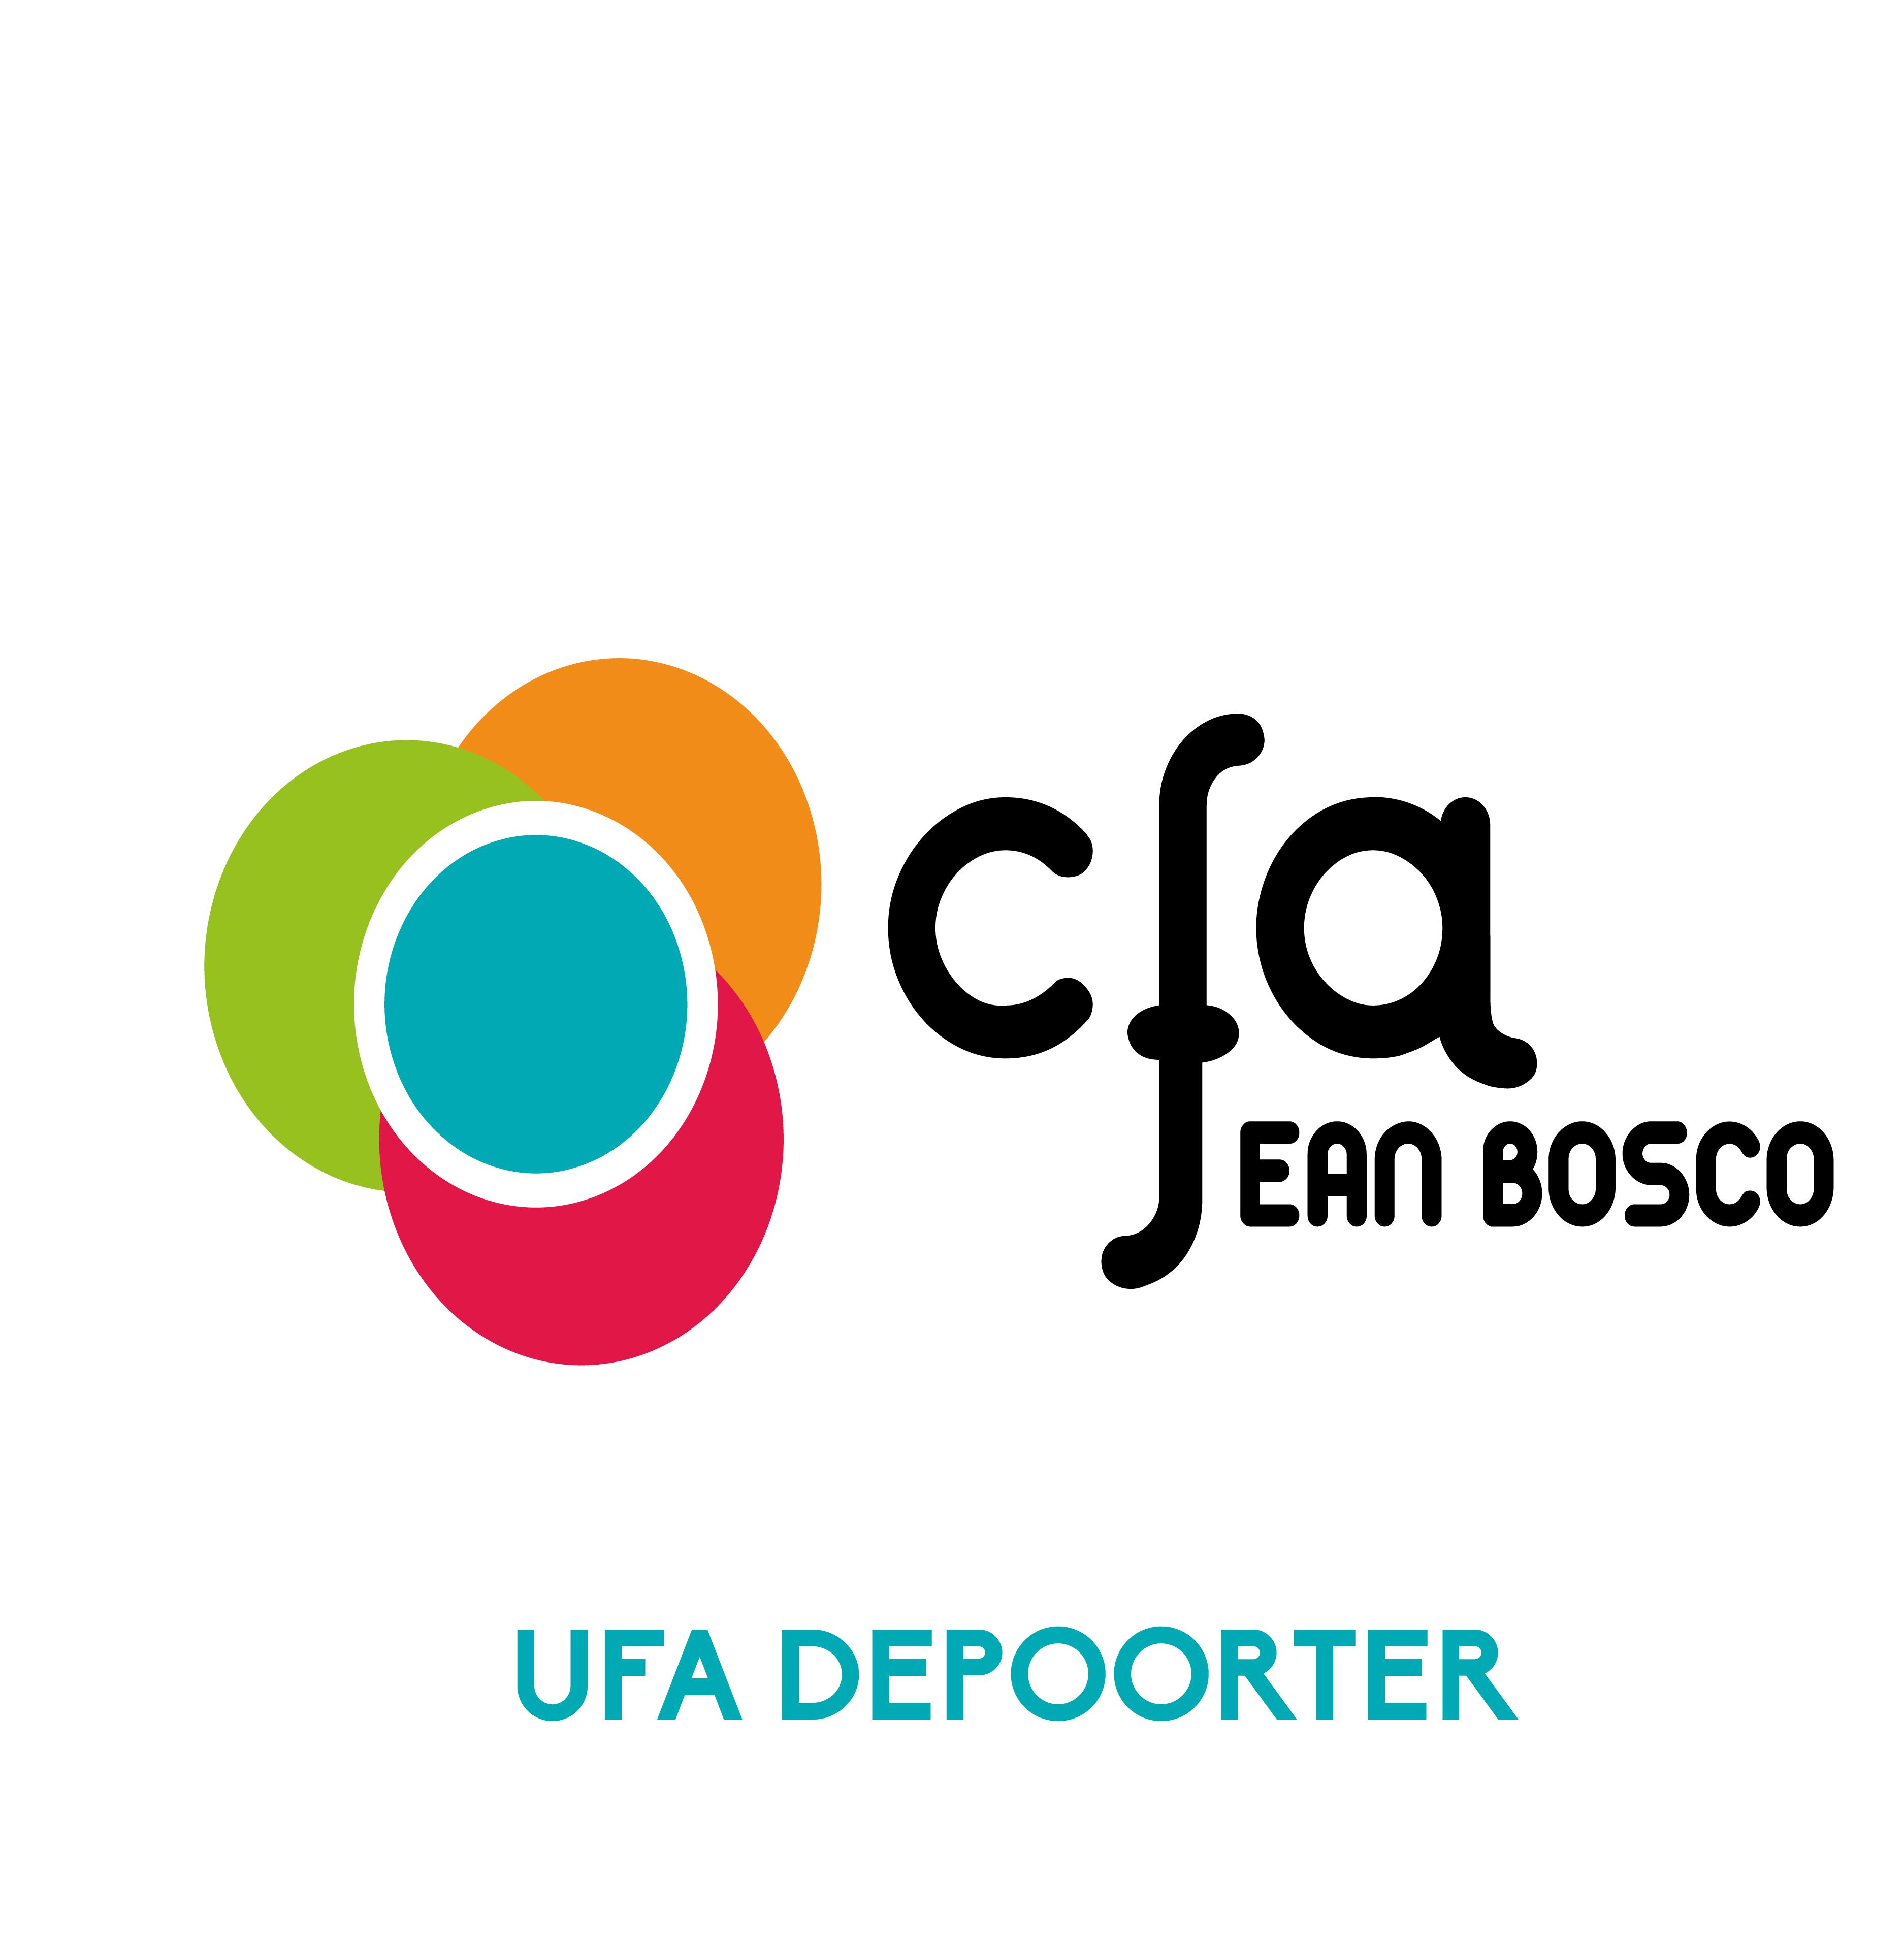 LOGO CFA-DEPOORTER